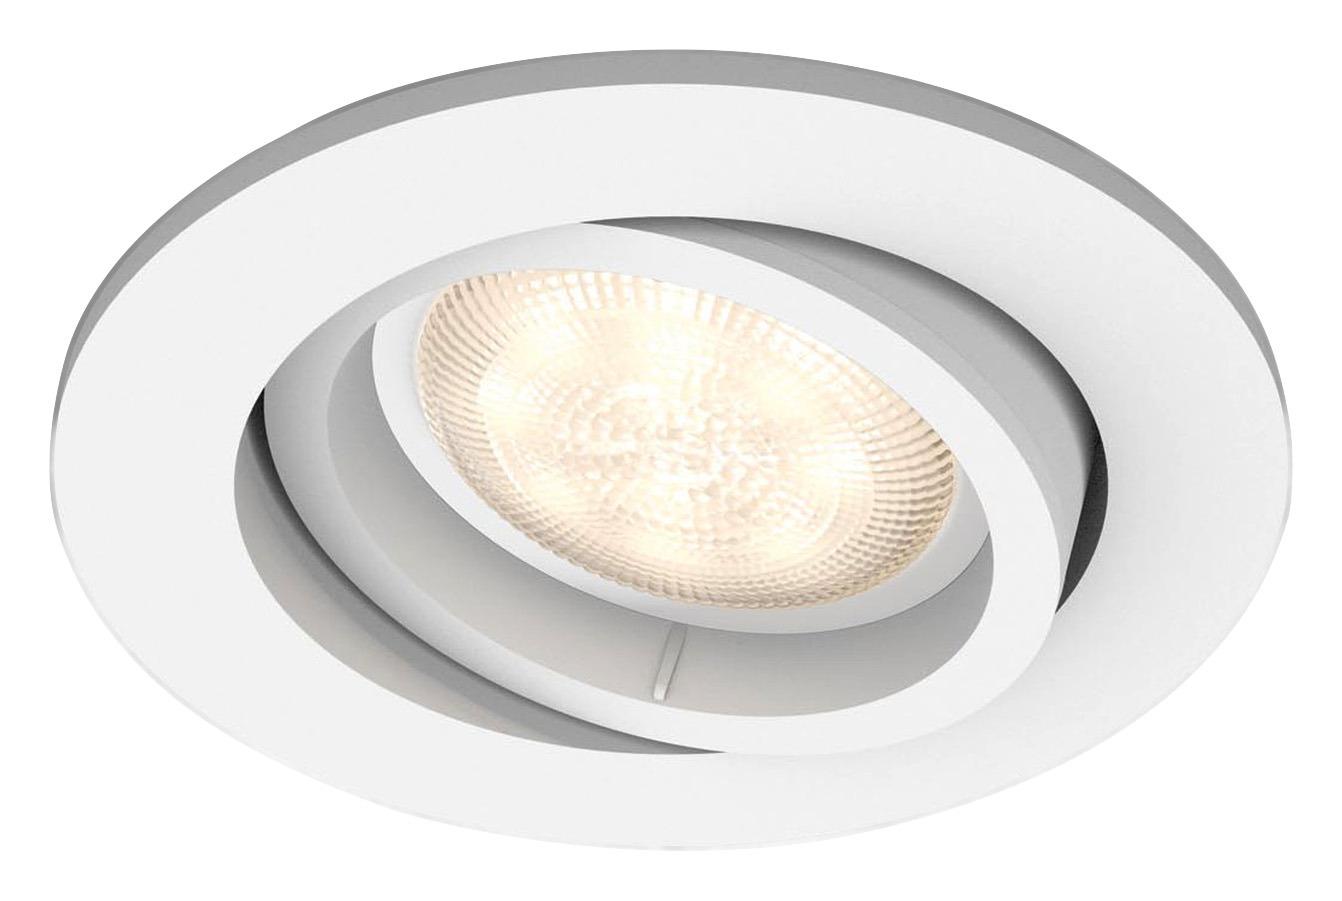 Philips inbouwspot Shellbark 1x4,5W wit